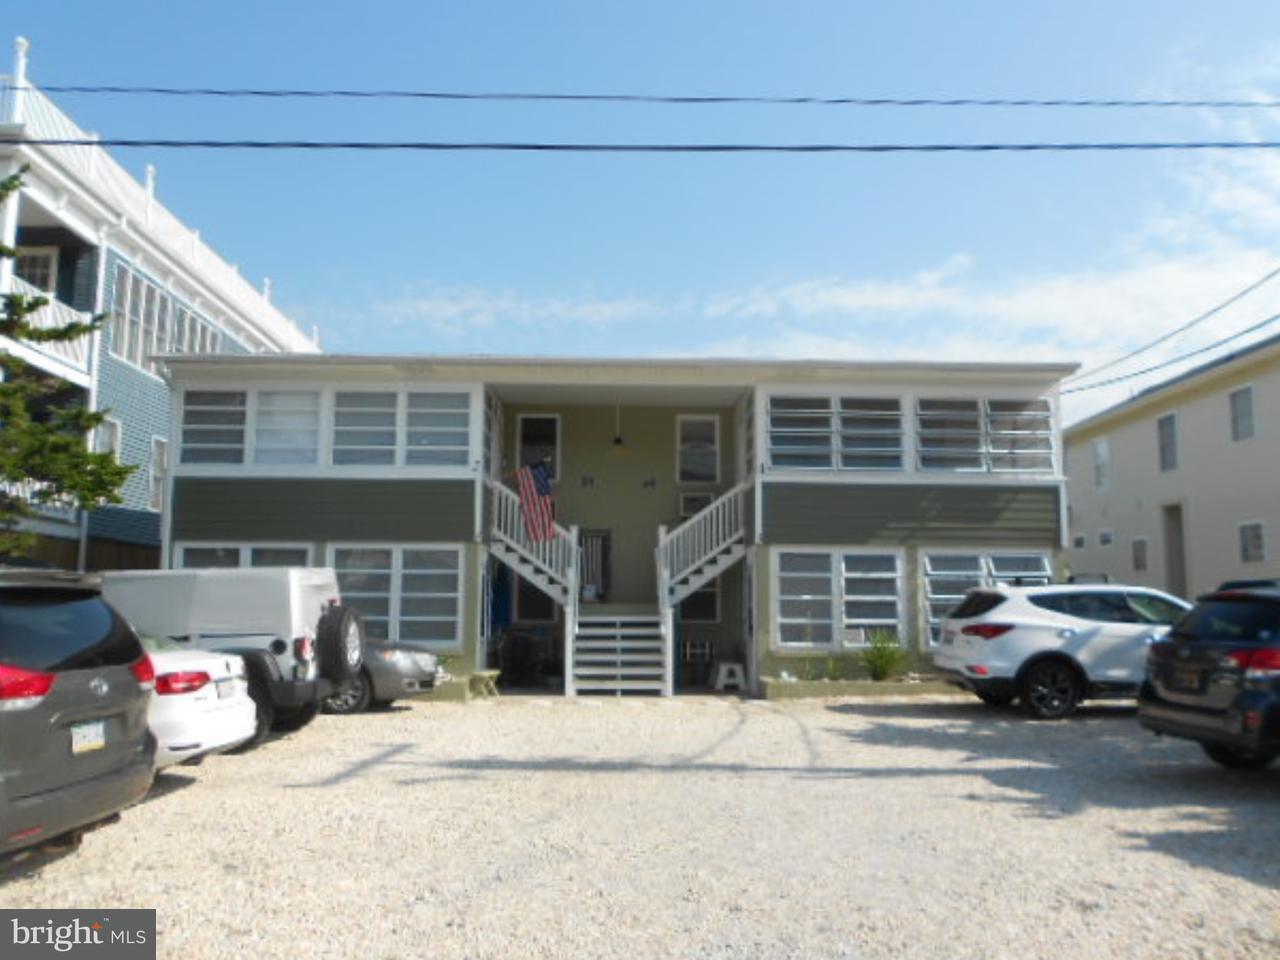 Maison unifamiliale pour l Vente à 23 RODNEY AVE #7 Dewey Beach, Delaware 19971 États-Unis